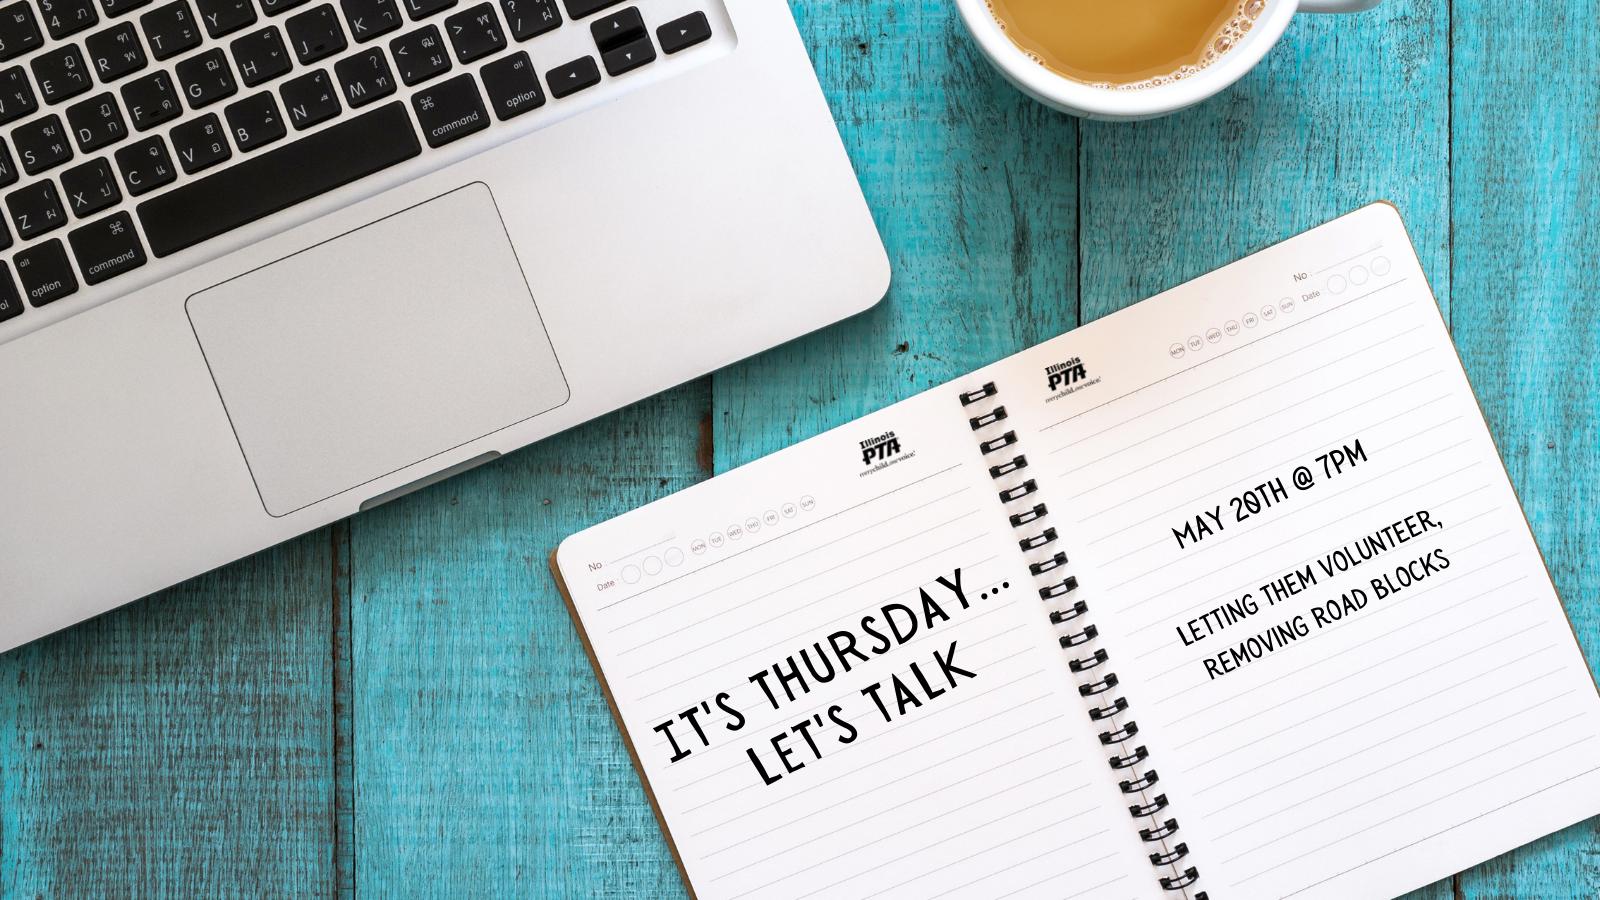 _It's Thursday...Let's Talk twitter